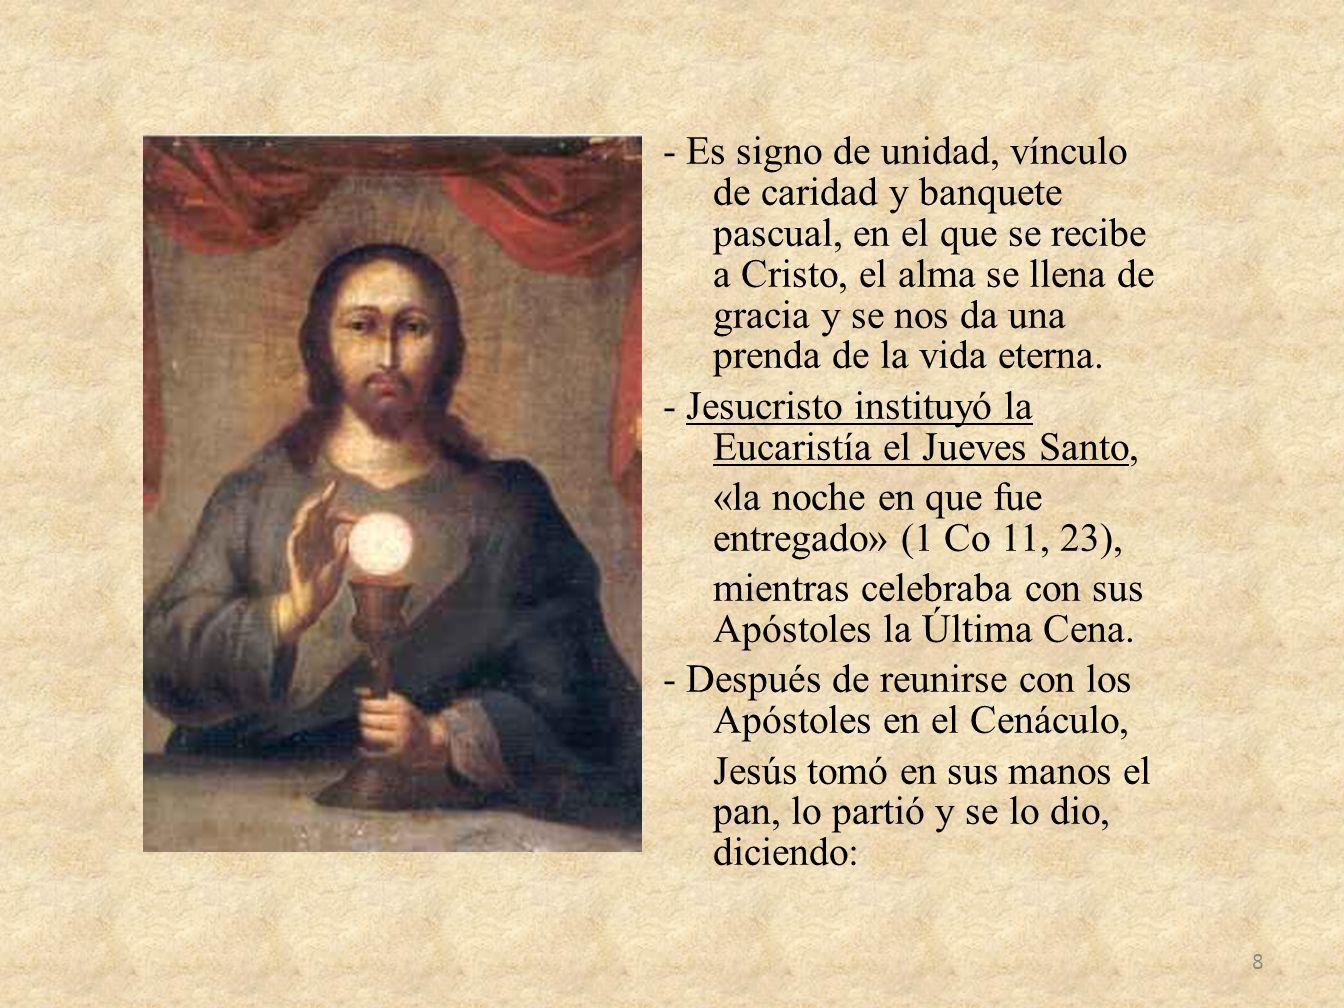 - Es signo de unidad, vínculo de caridad y banquete pascual, en el que se recibe a Cristo, el alma se llena de gracia y se nos da una prenda de la vid